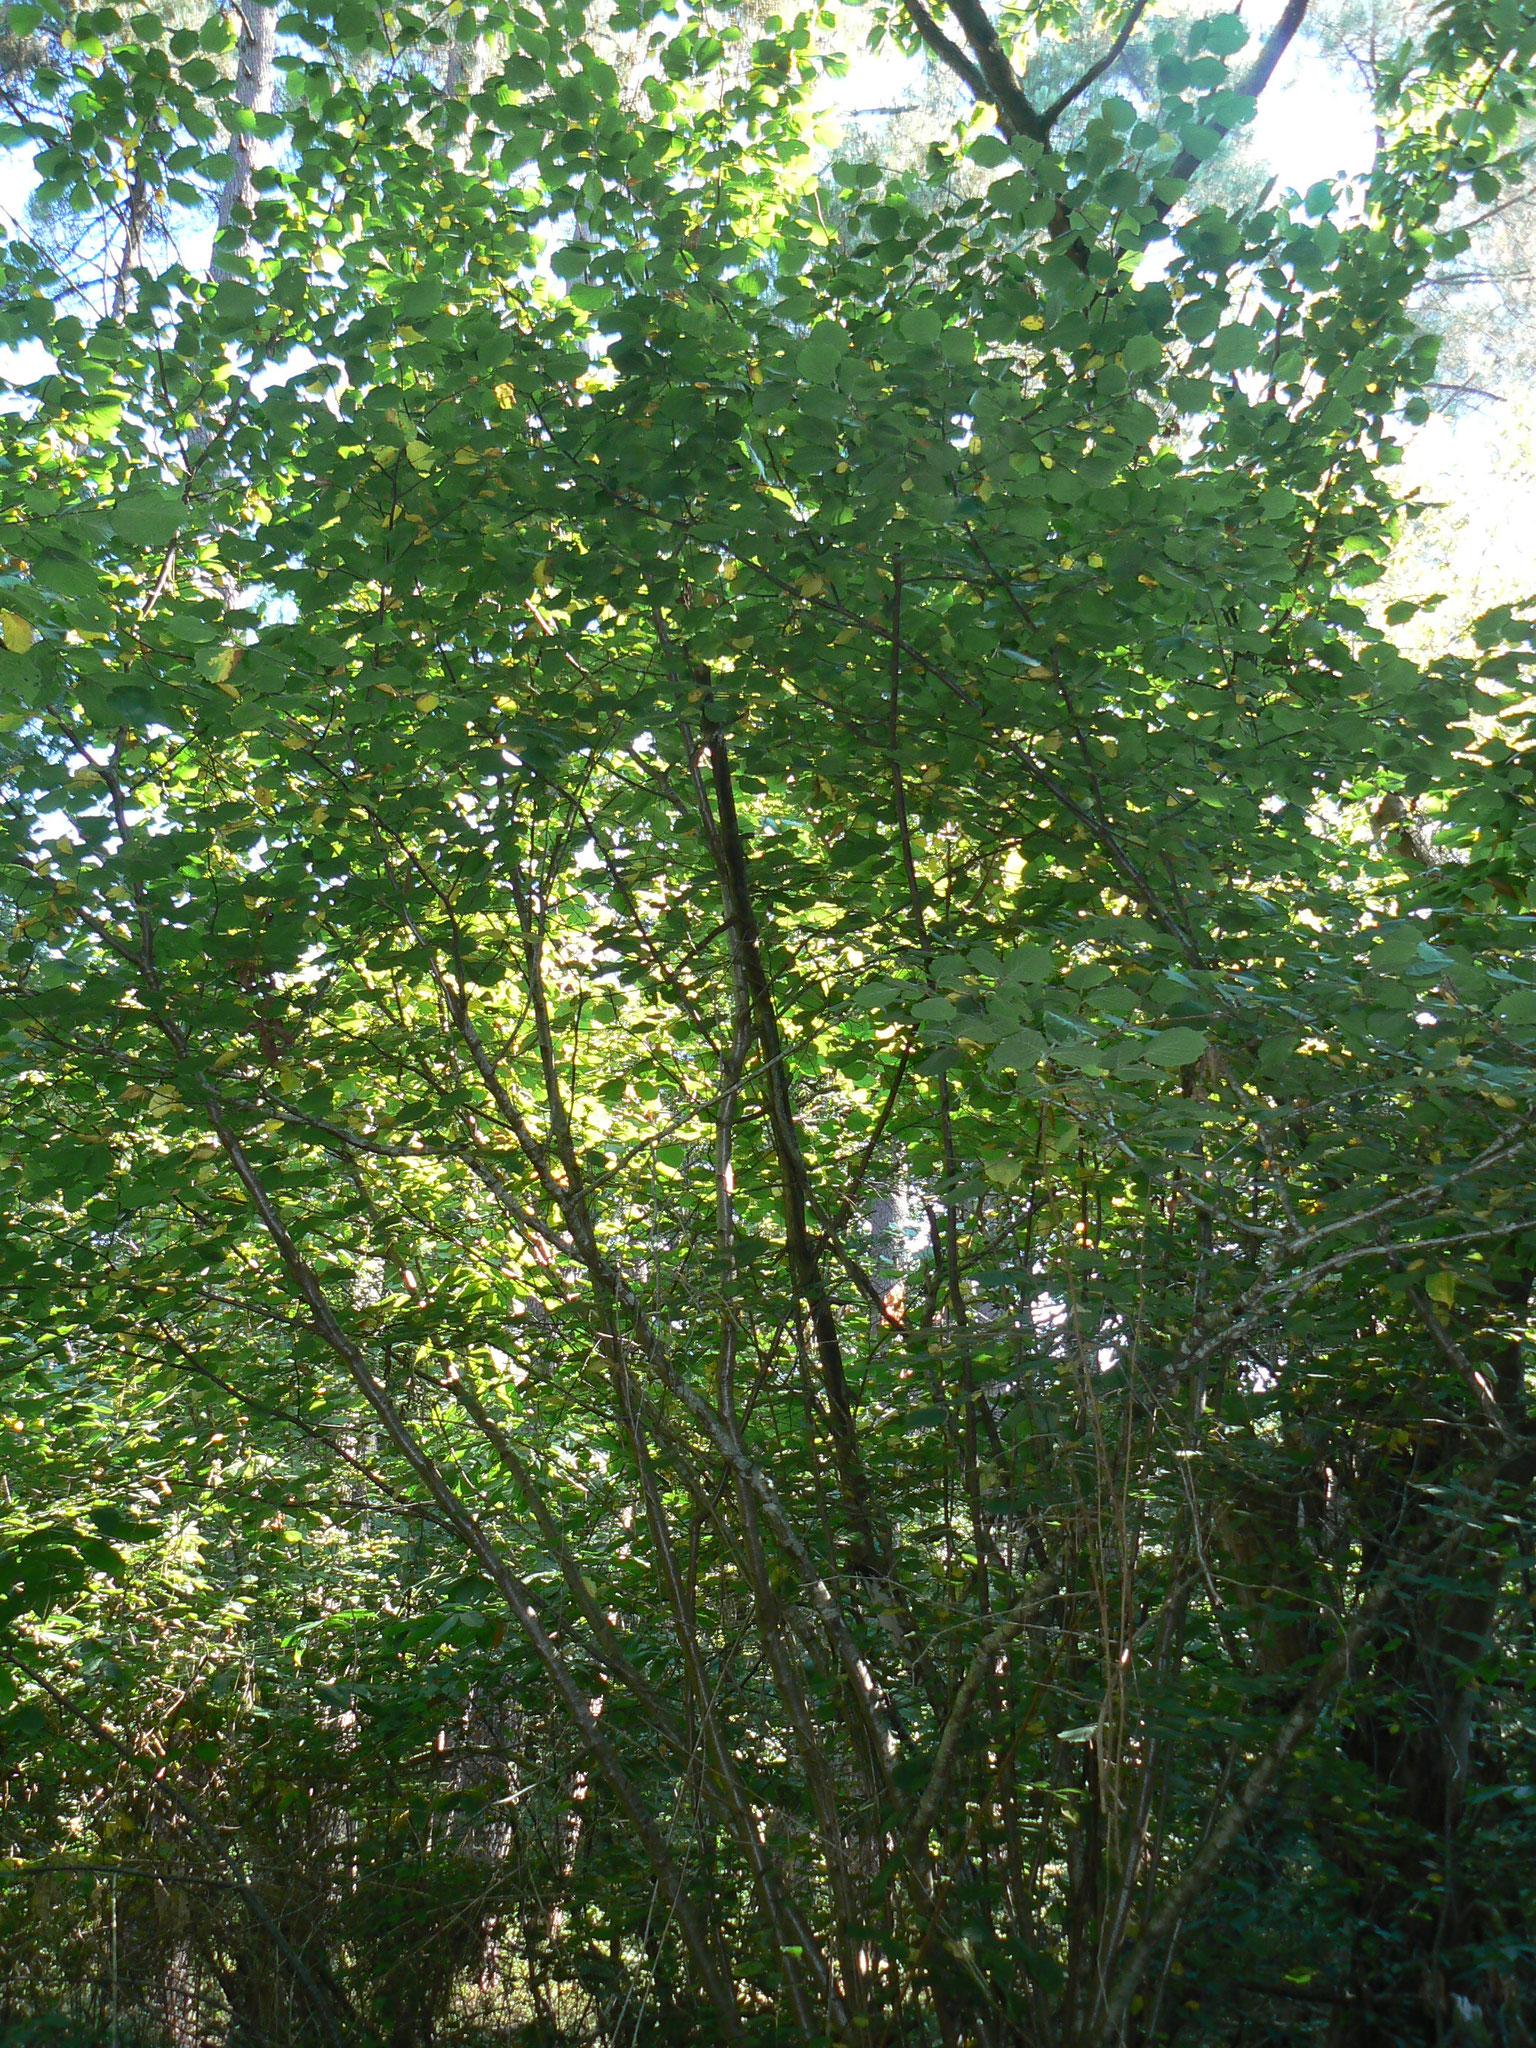 Noisetier sauvage « Corylus avellana »  Plus beaucoup de noisettes pour subsister cet hiver «  l'écureuil a tout pris »